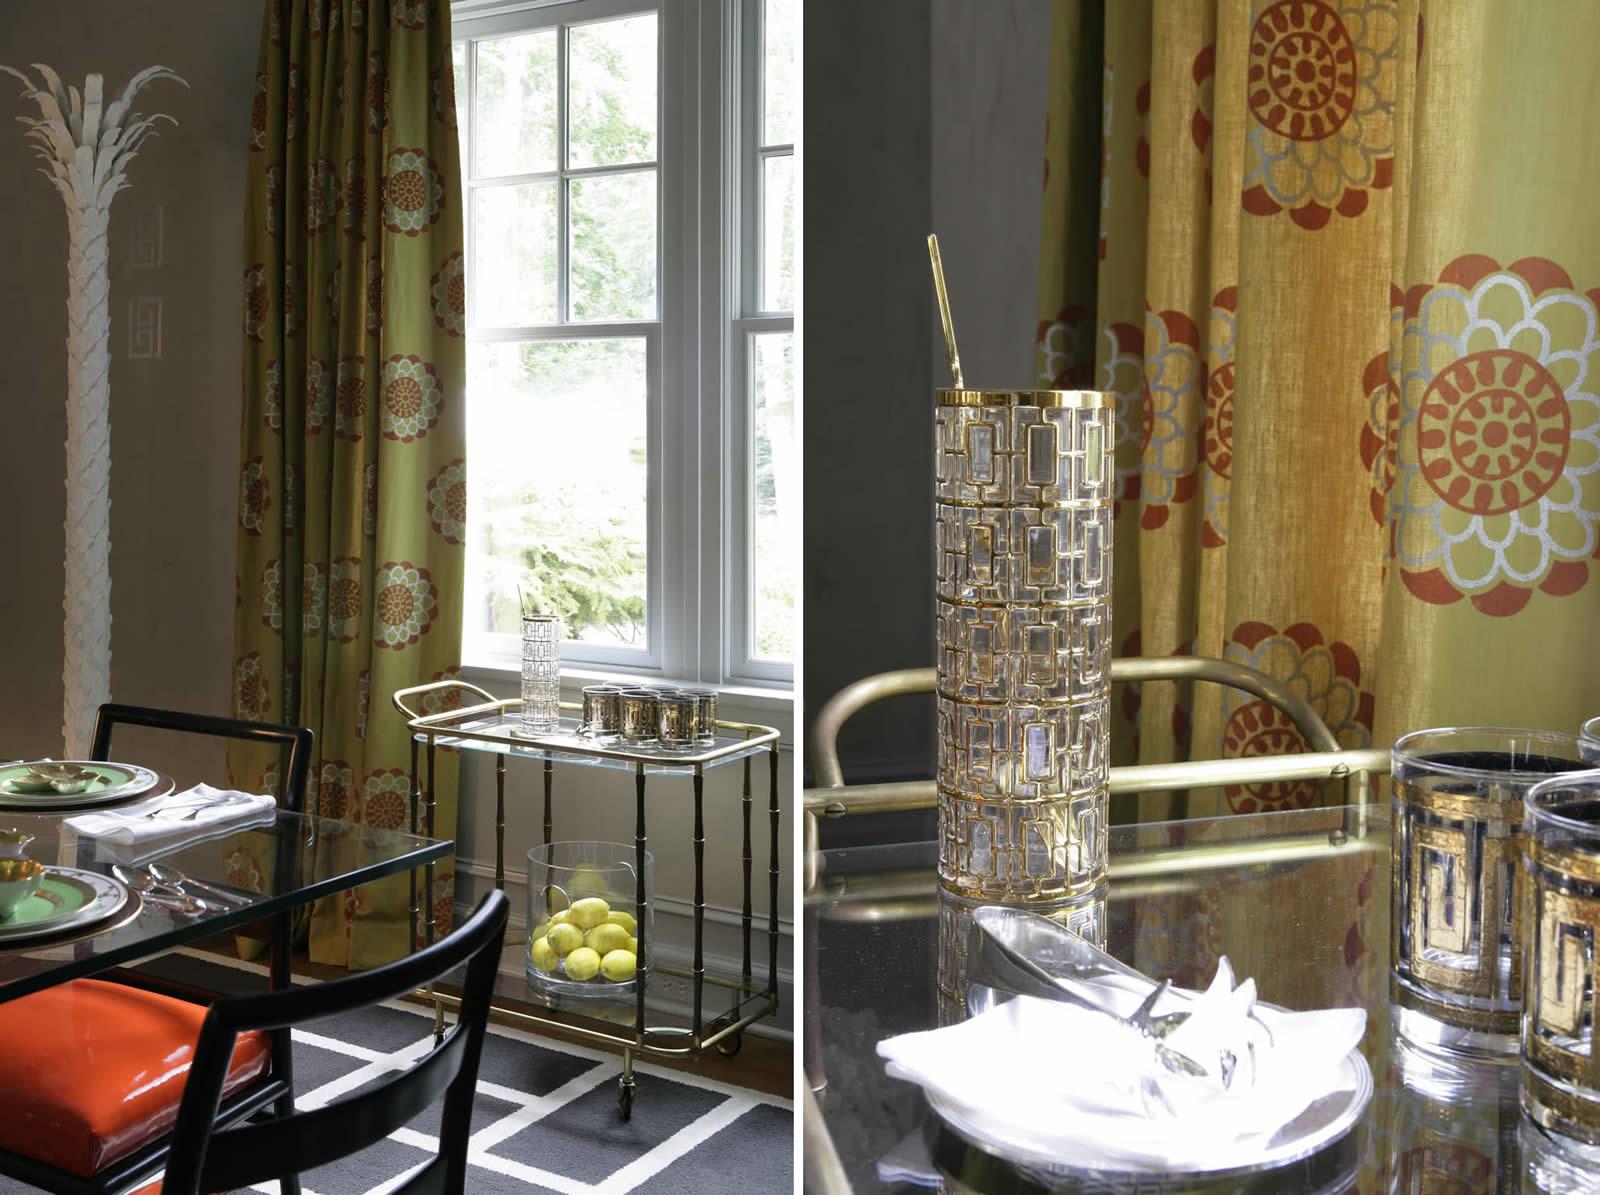 04_Hamptons_Dining_Room_4-5.jpg